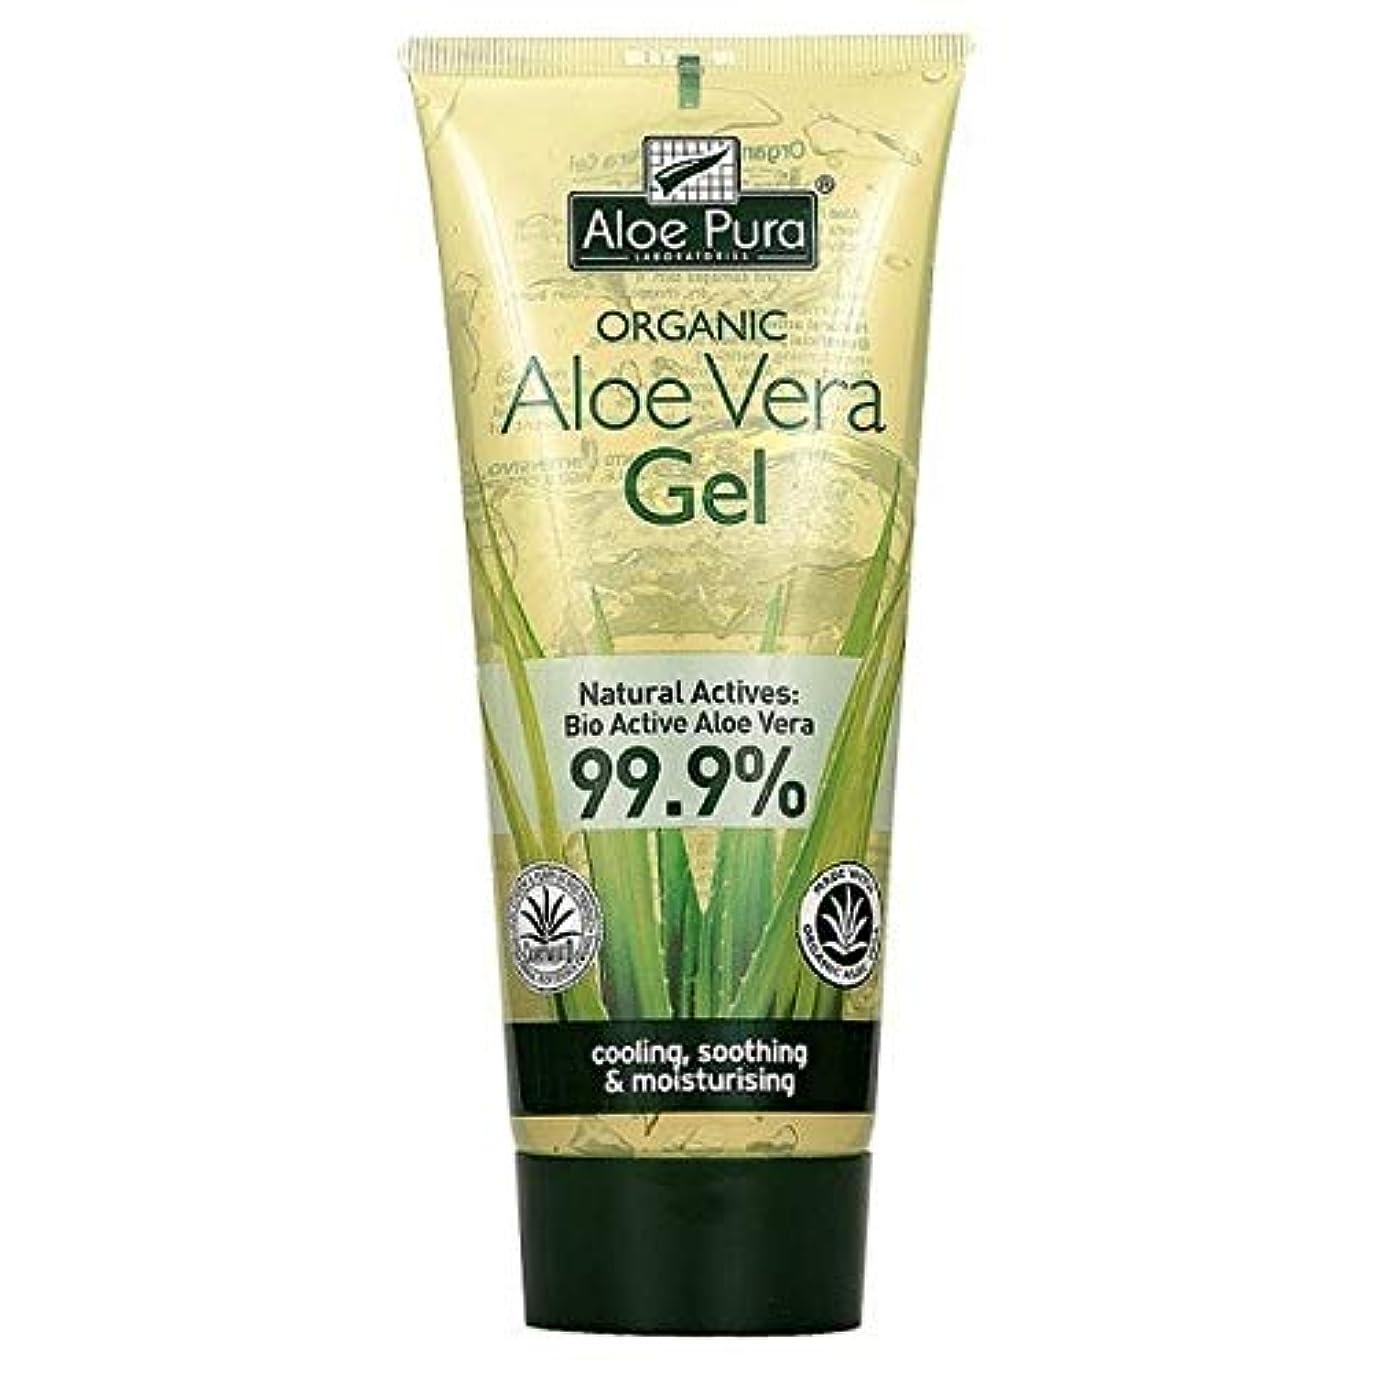 肝もっとフリース[Aloe Pura ] アロエプラのアロエベラスキンジェル200Ml - Aloe Pura Aloe Vera Skin Gel 200ml [並行輸入品]